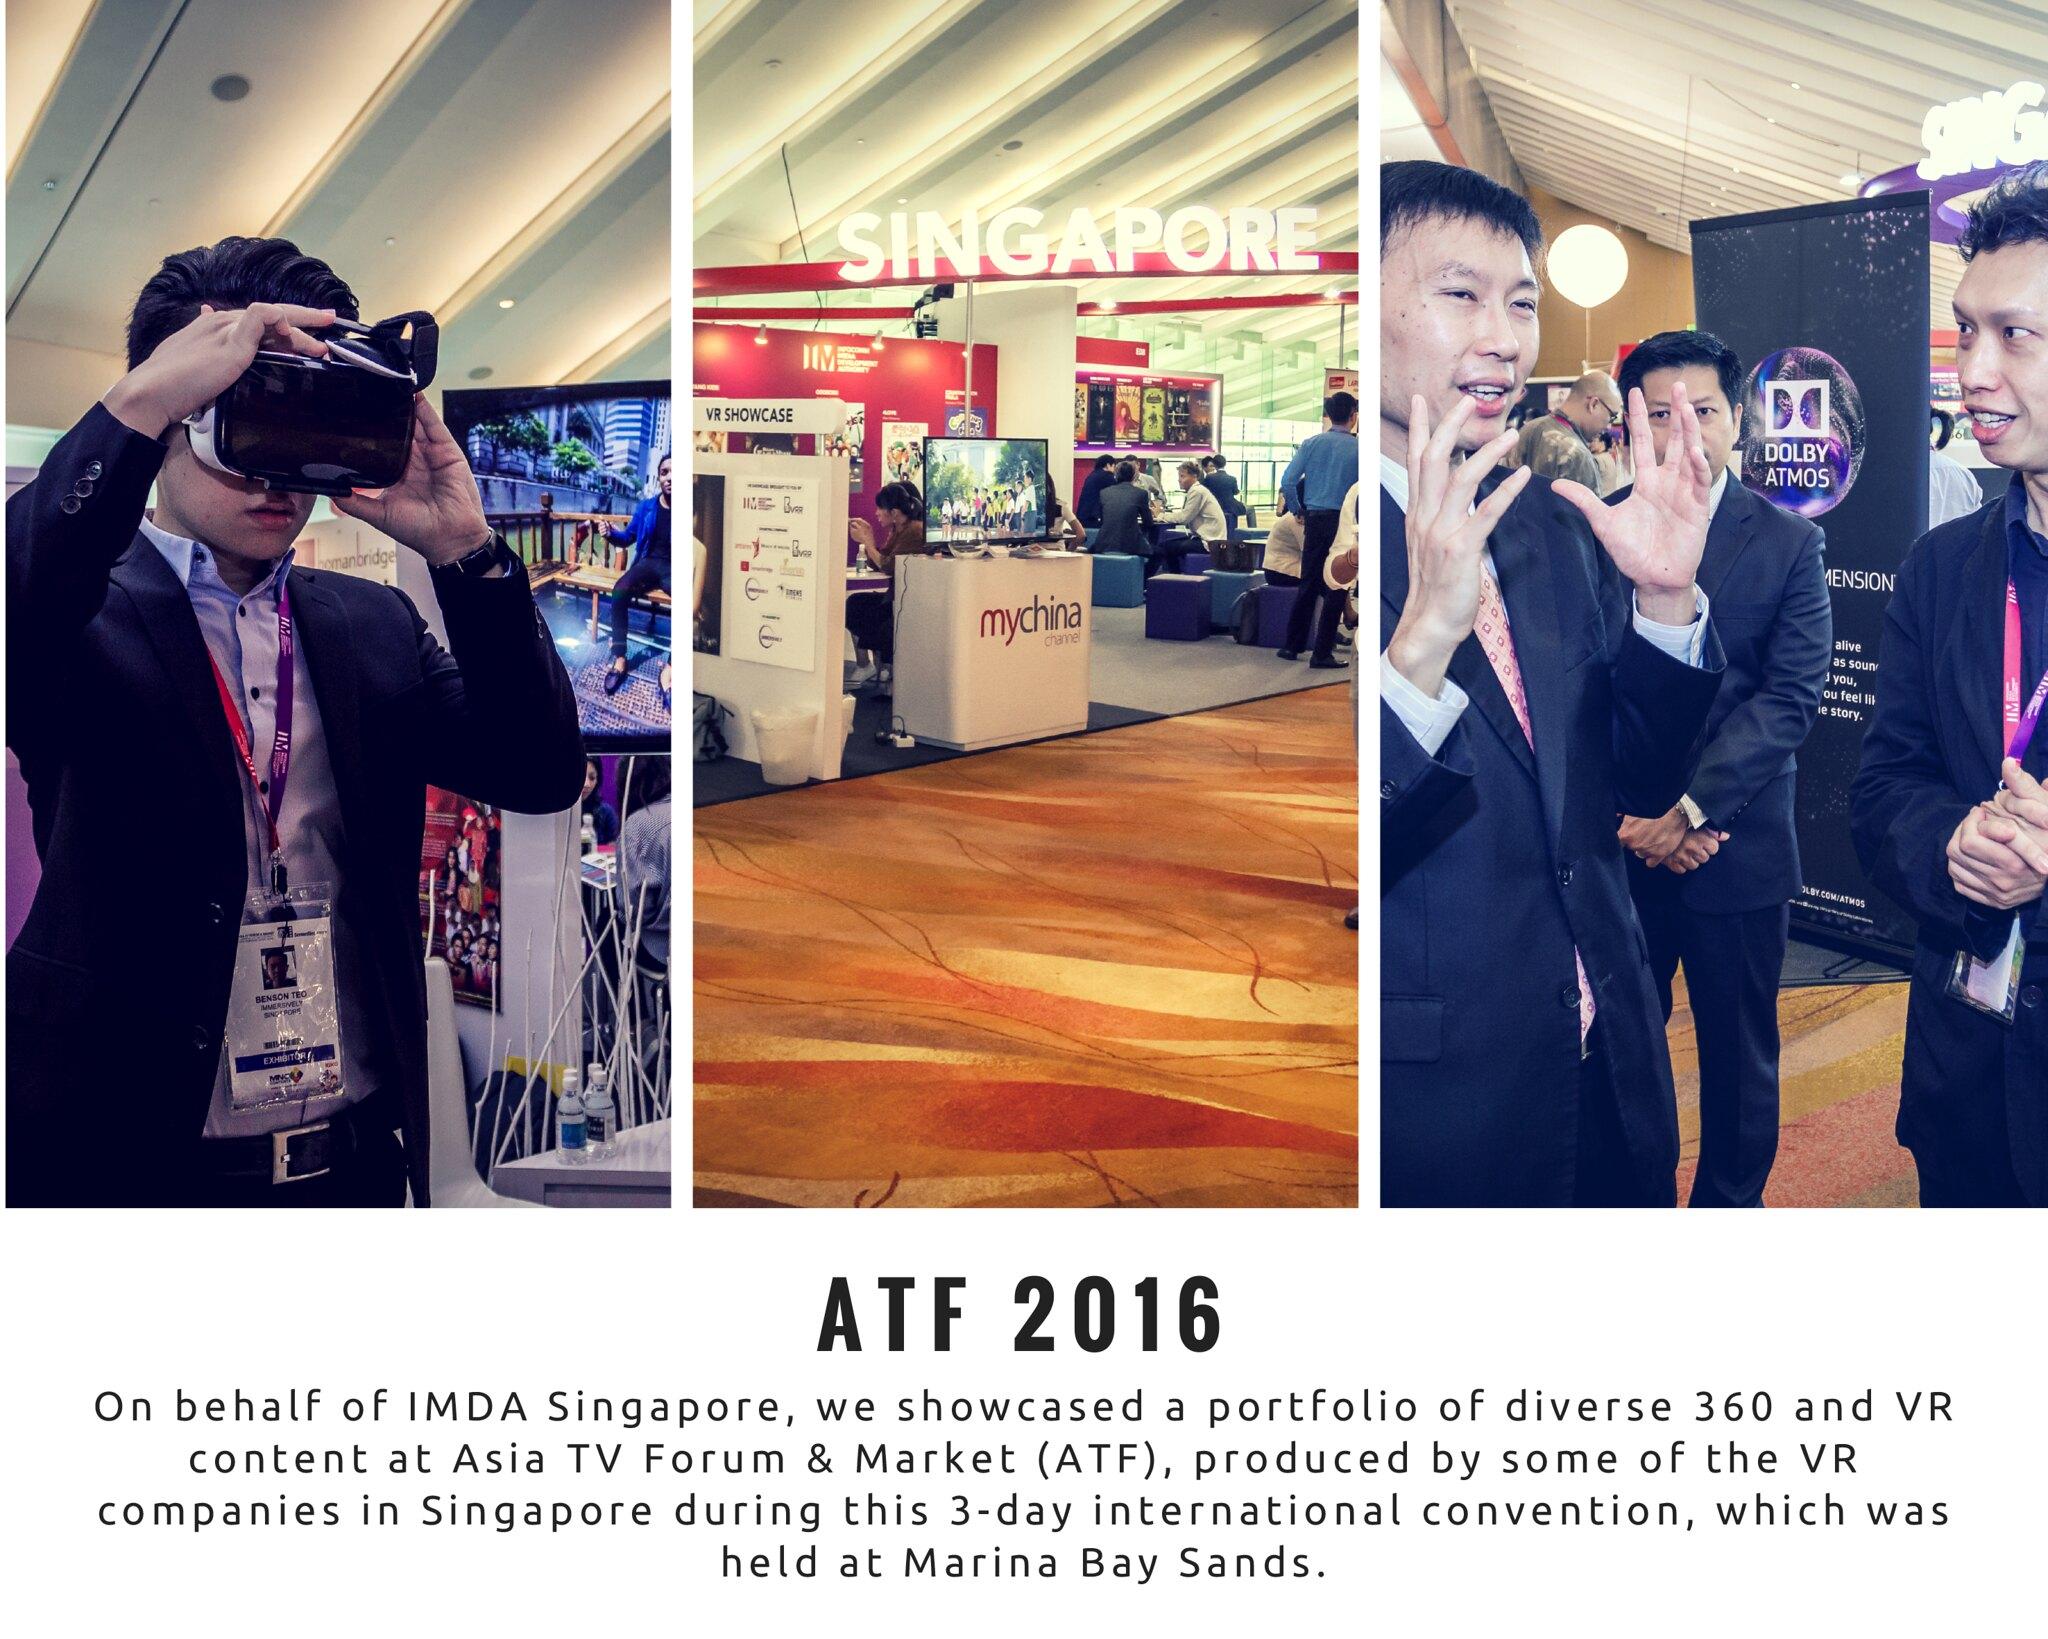 ATF 2016